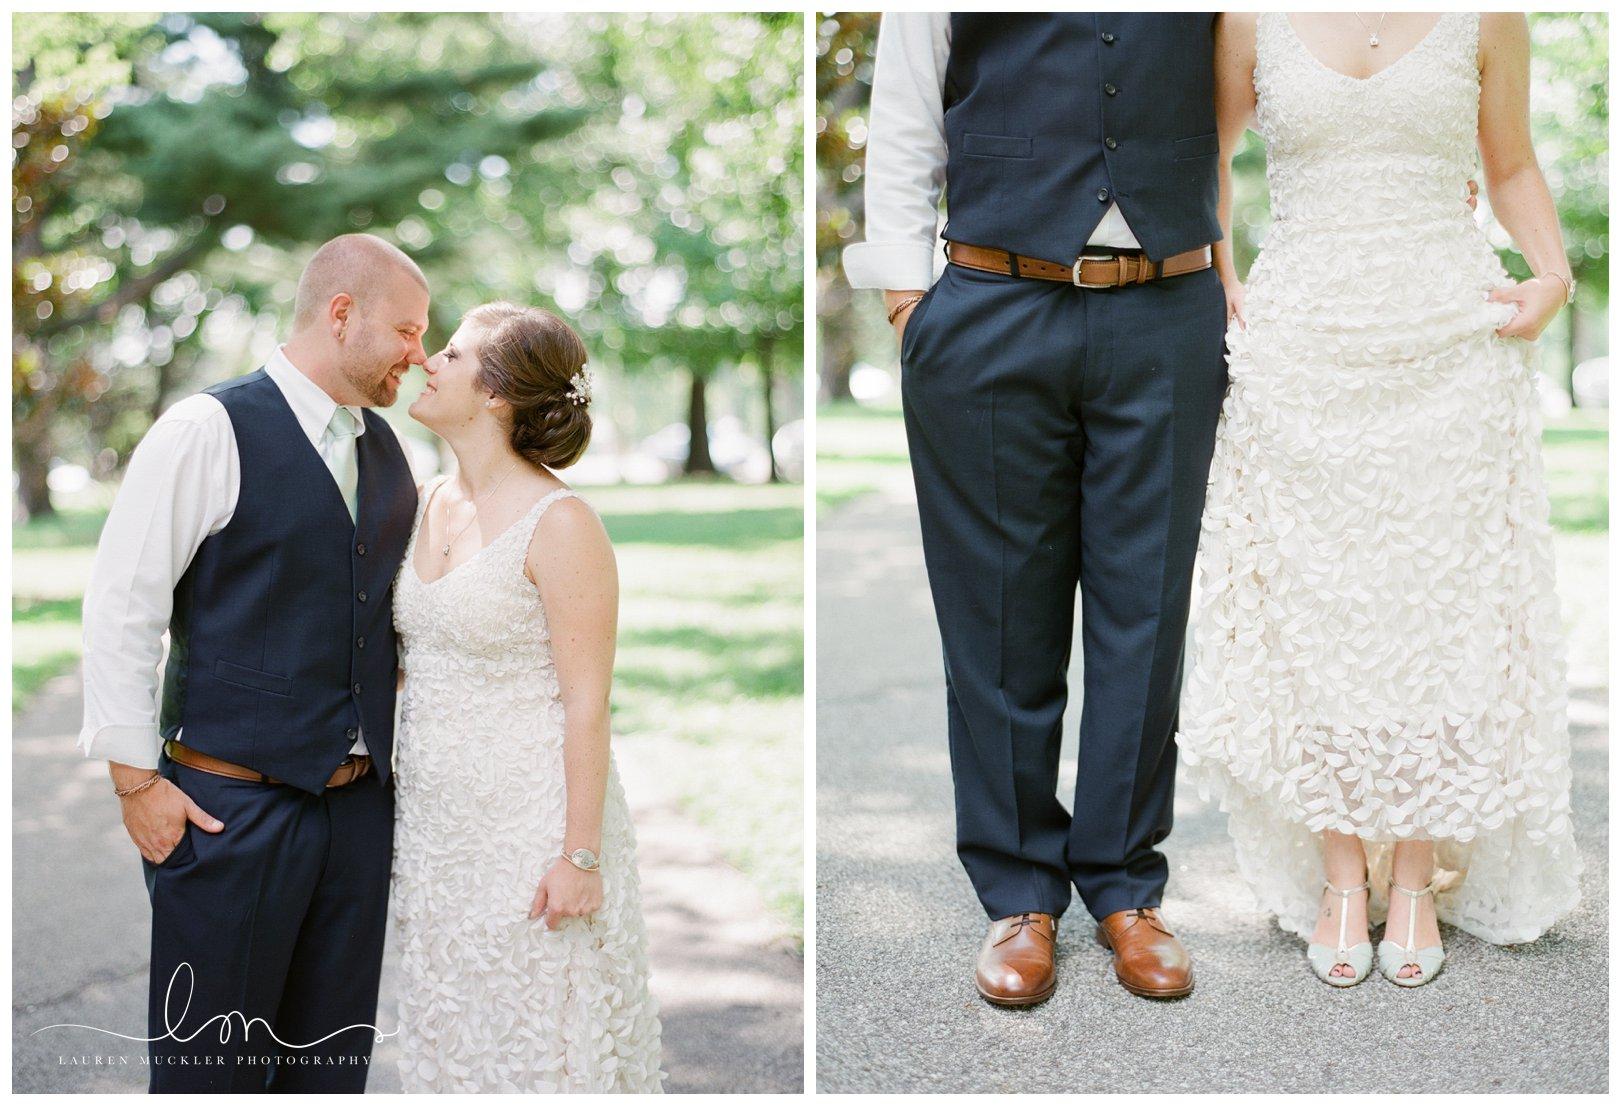 lauren muckler photography_fine art film wedding photography_st louis_photography_0553.jpg